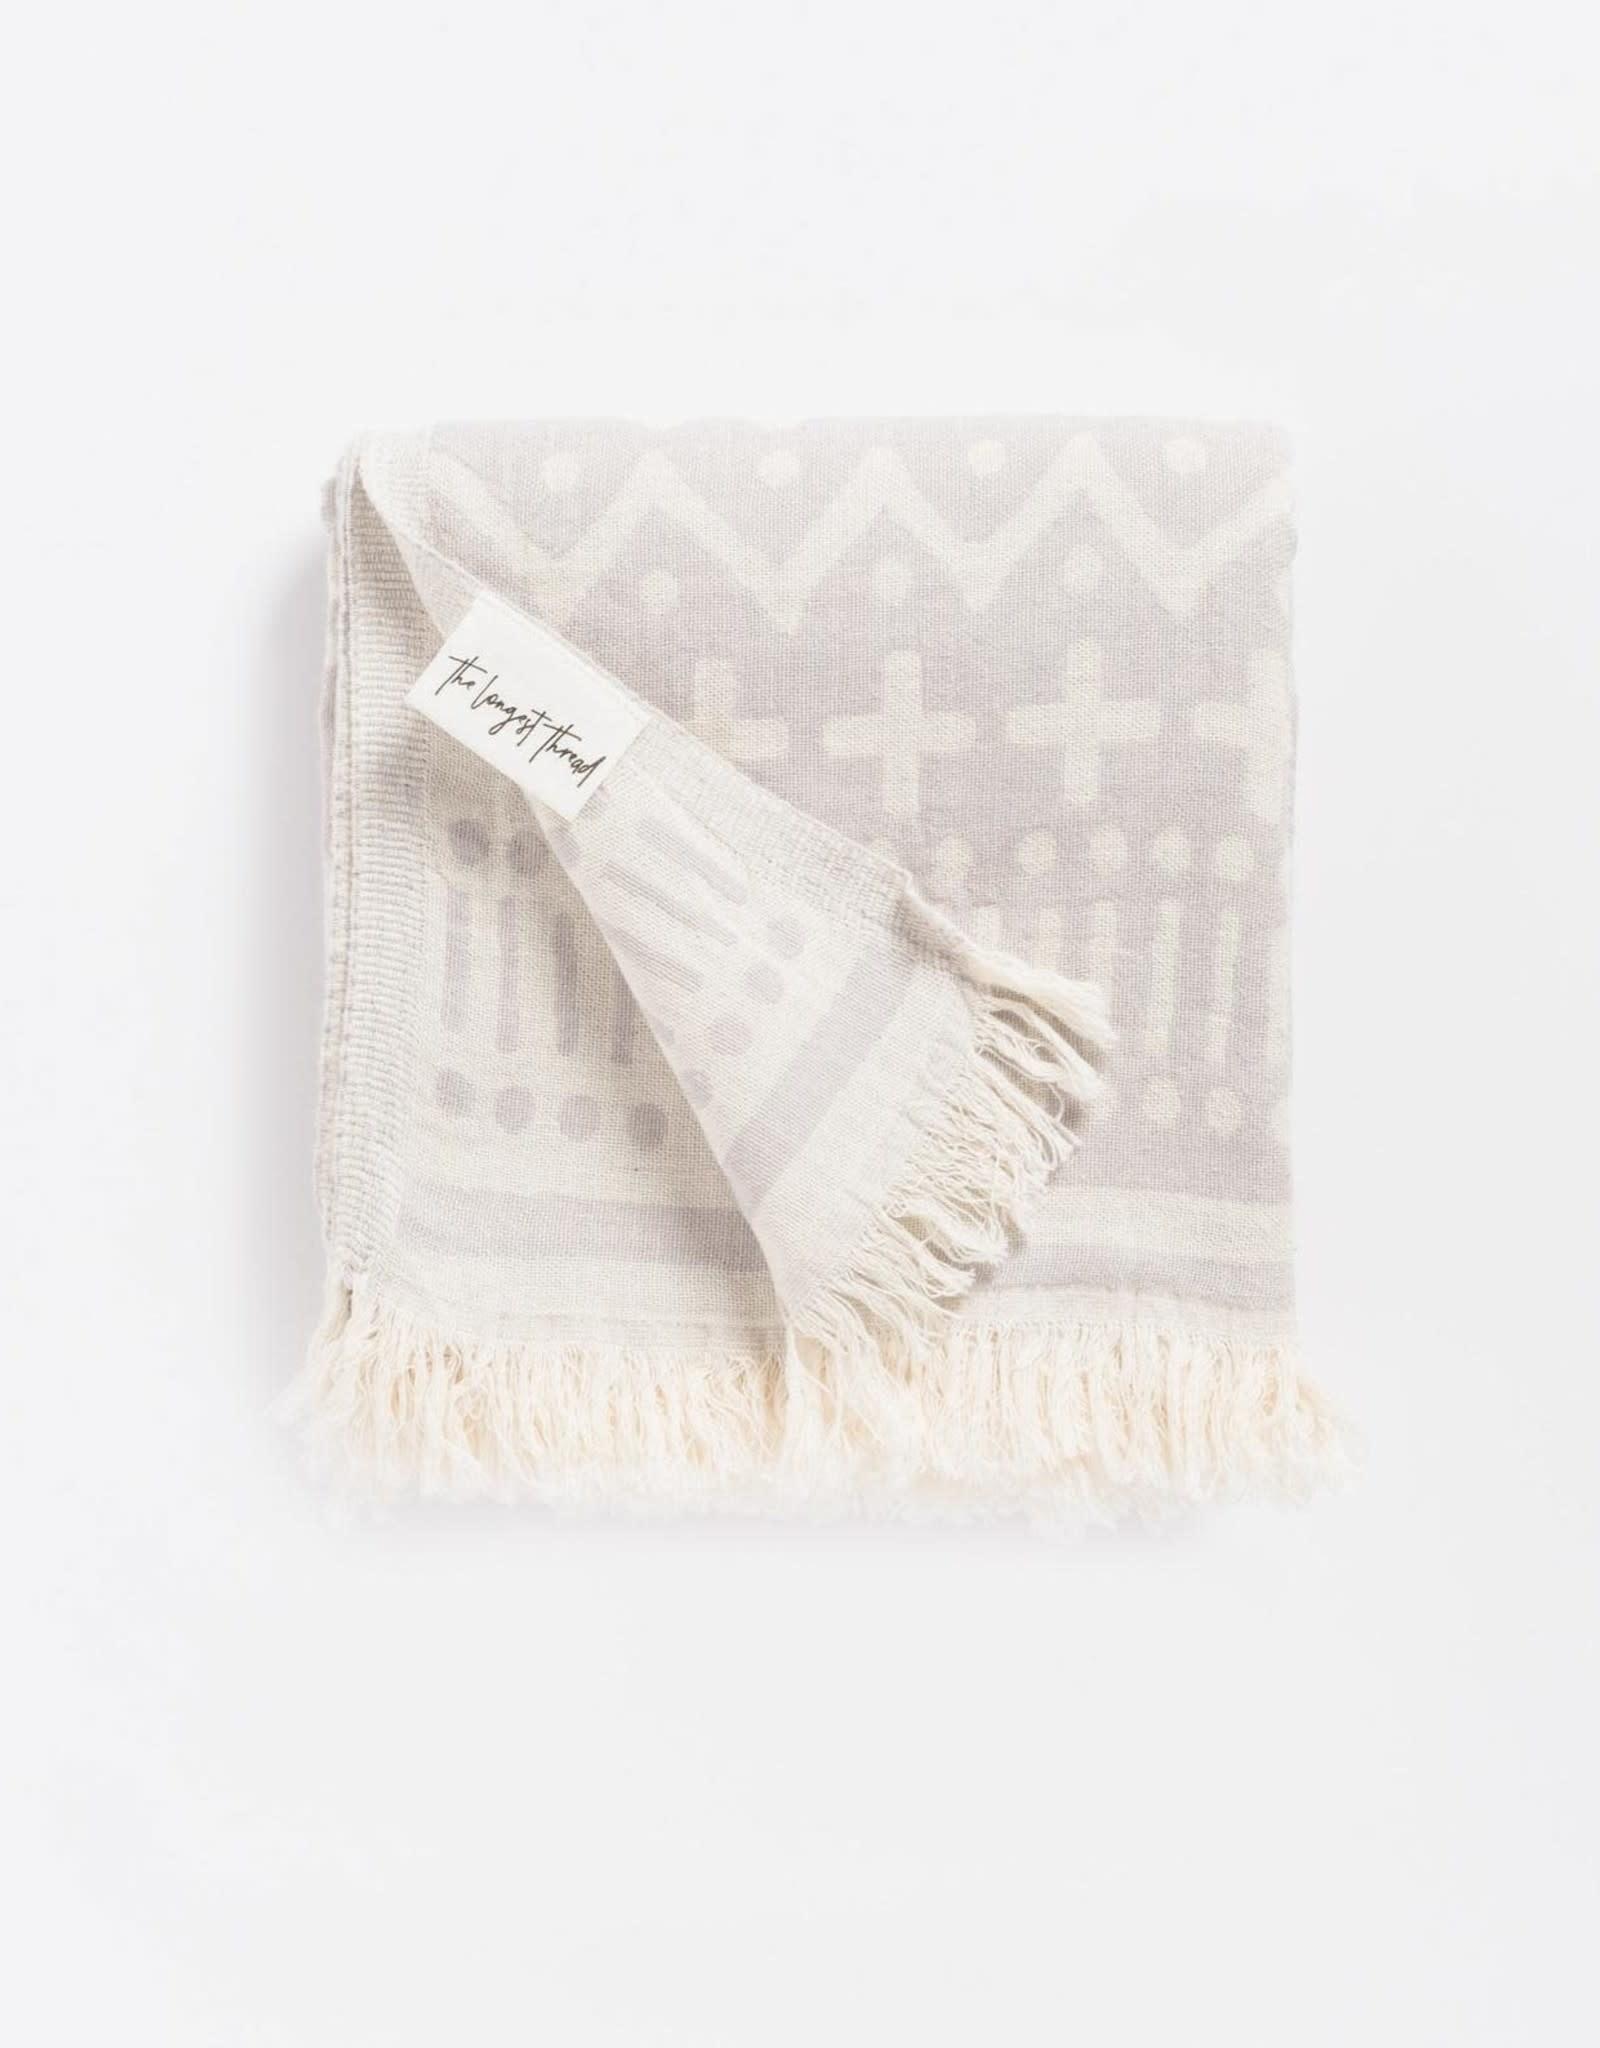 The Longest Thread Maghreb Turkish Towel